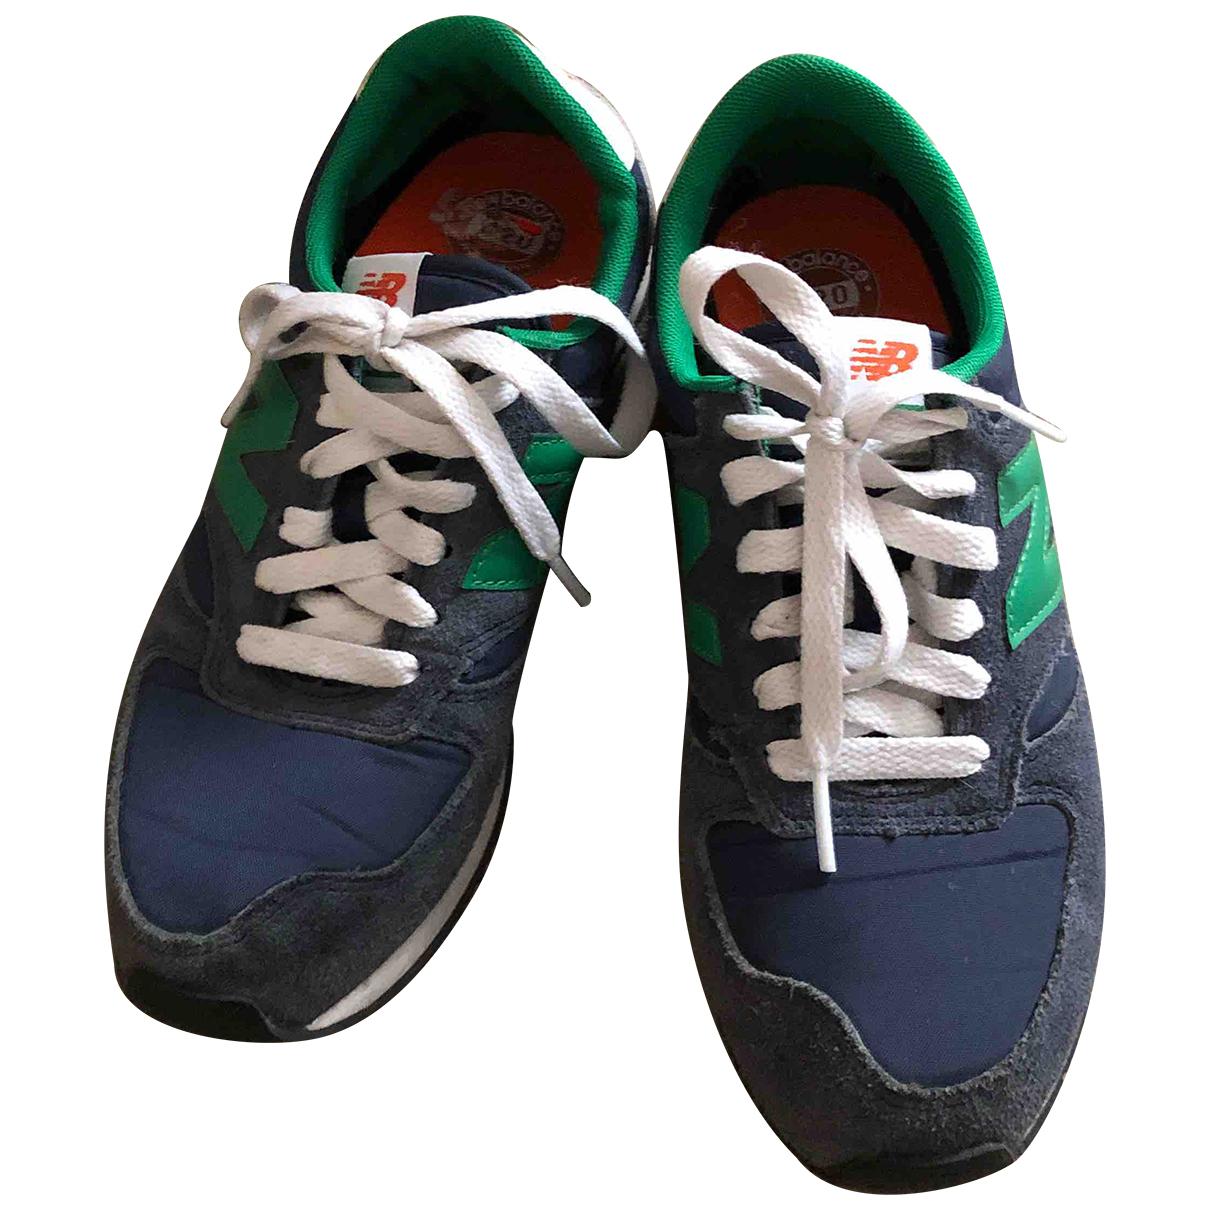 New Balance - Baskets   pour femme en suede - bleu